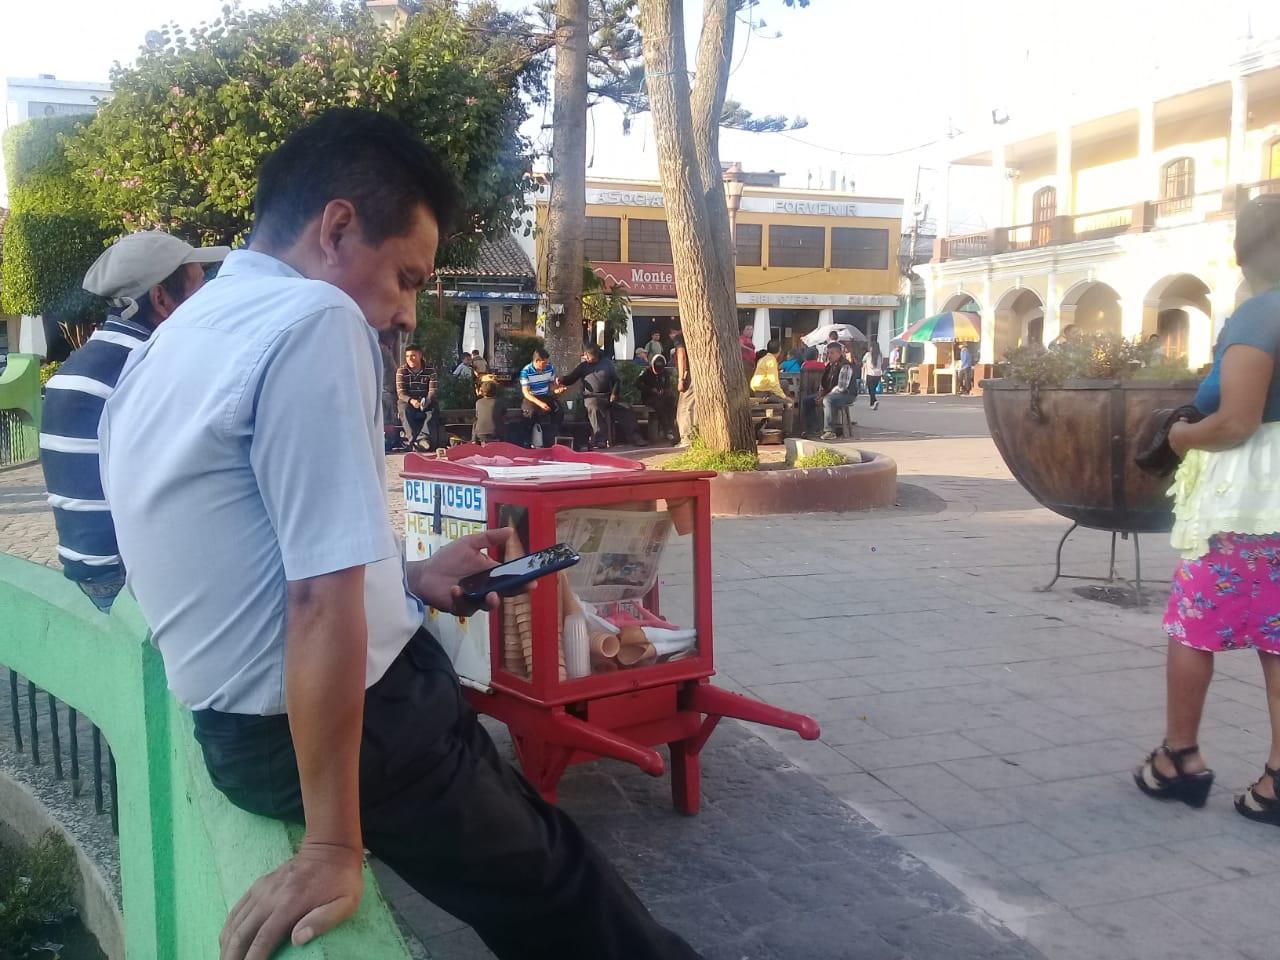 Un usuario de teléfono celular captado en el parque central de Huehuetenango.